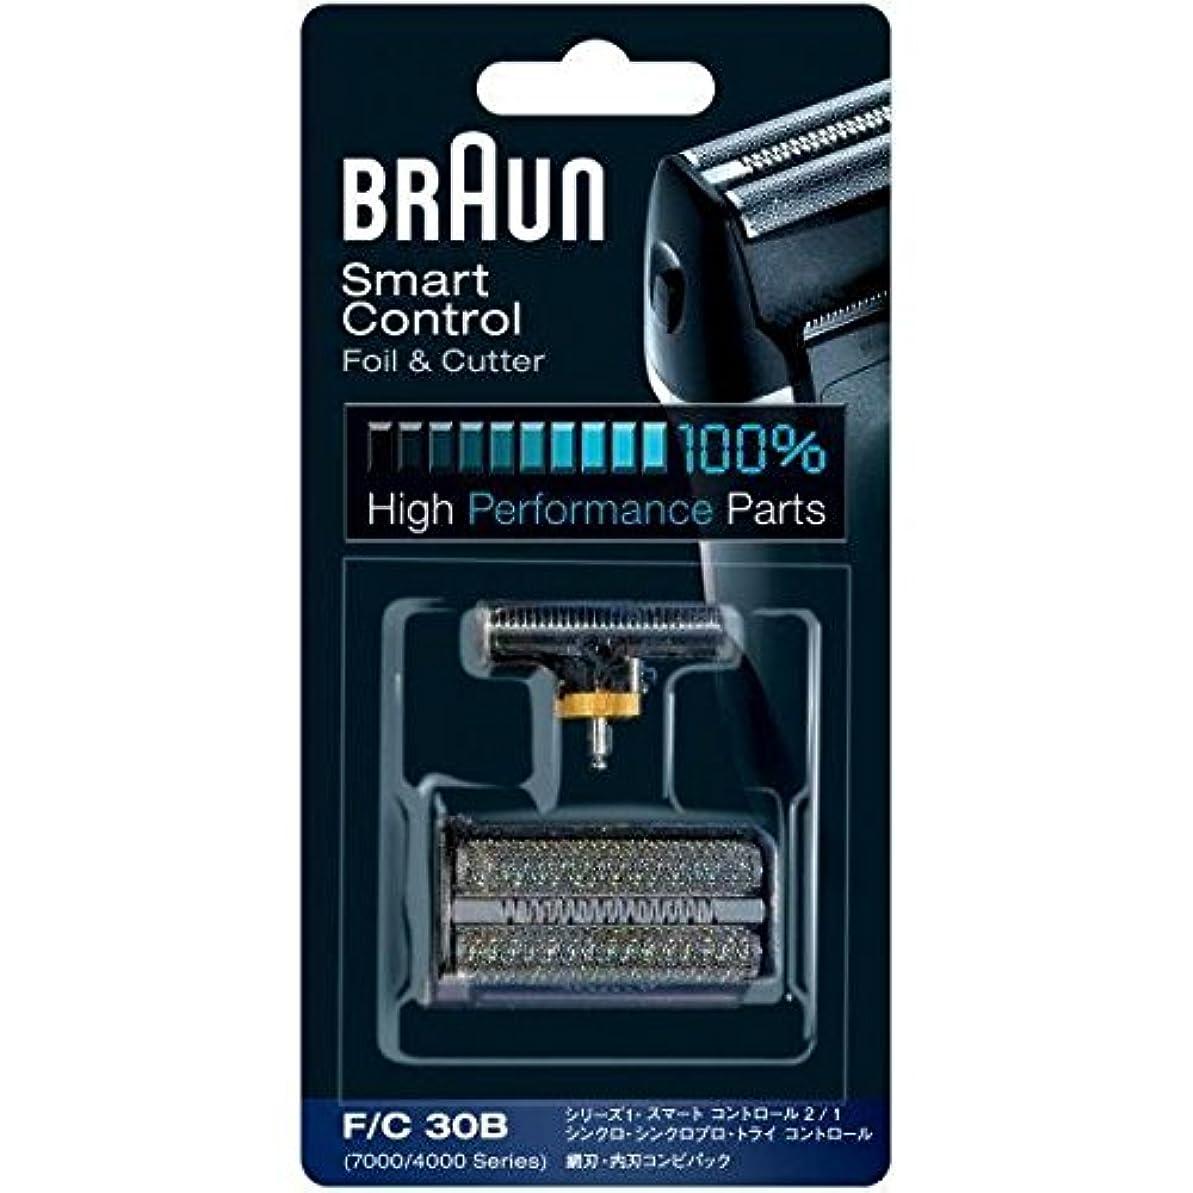 小数現実的同等のBRAUN(ブラウン) シェーバー 替刃(網刃+内刃セット) F/C30B